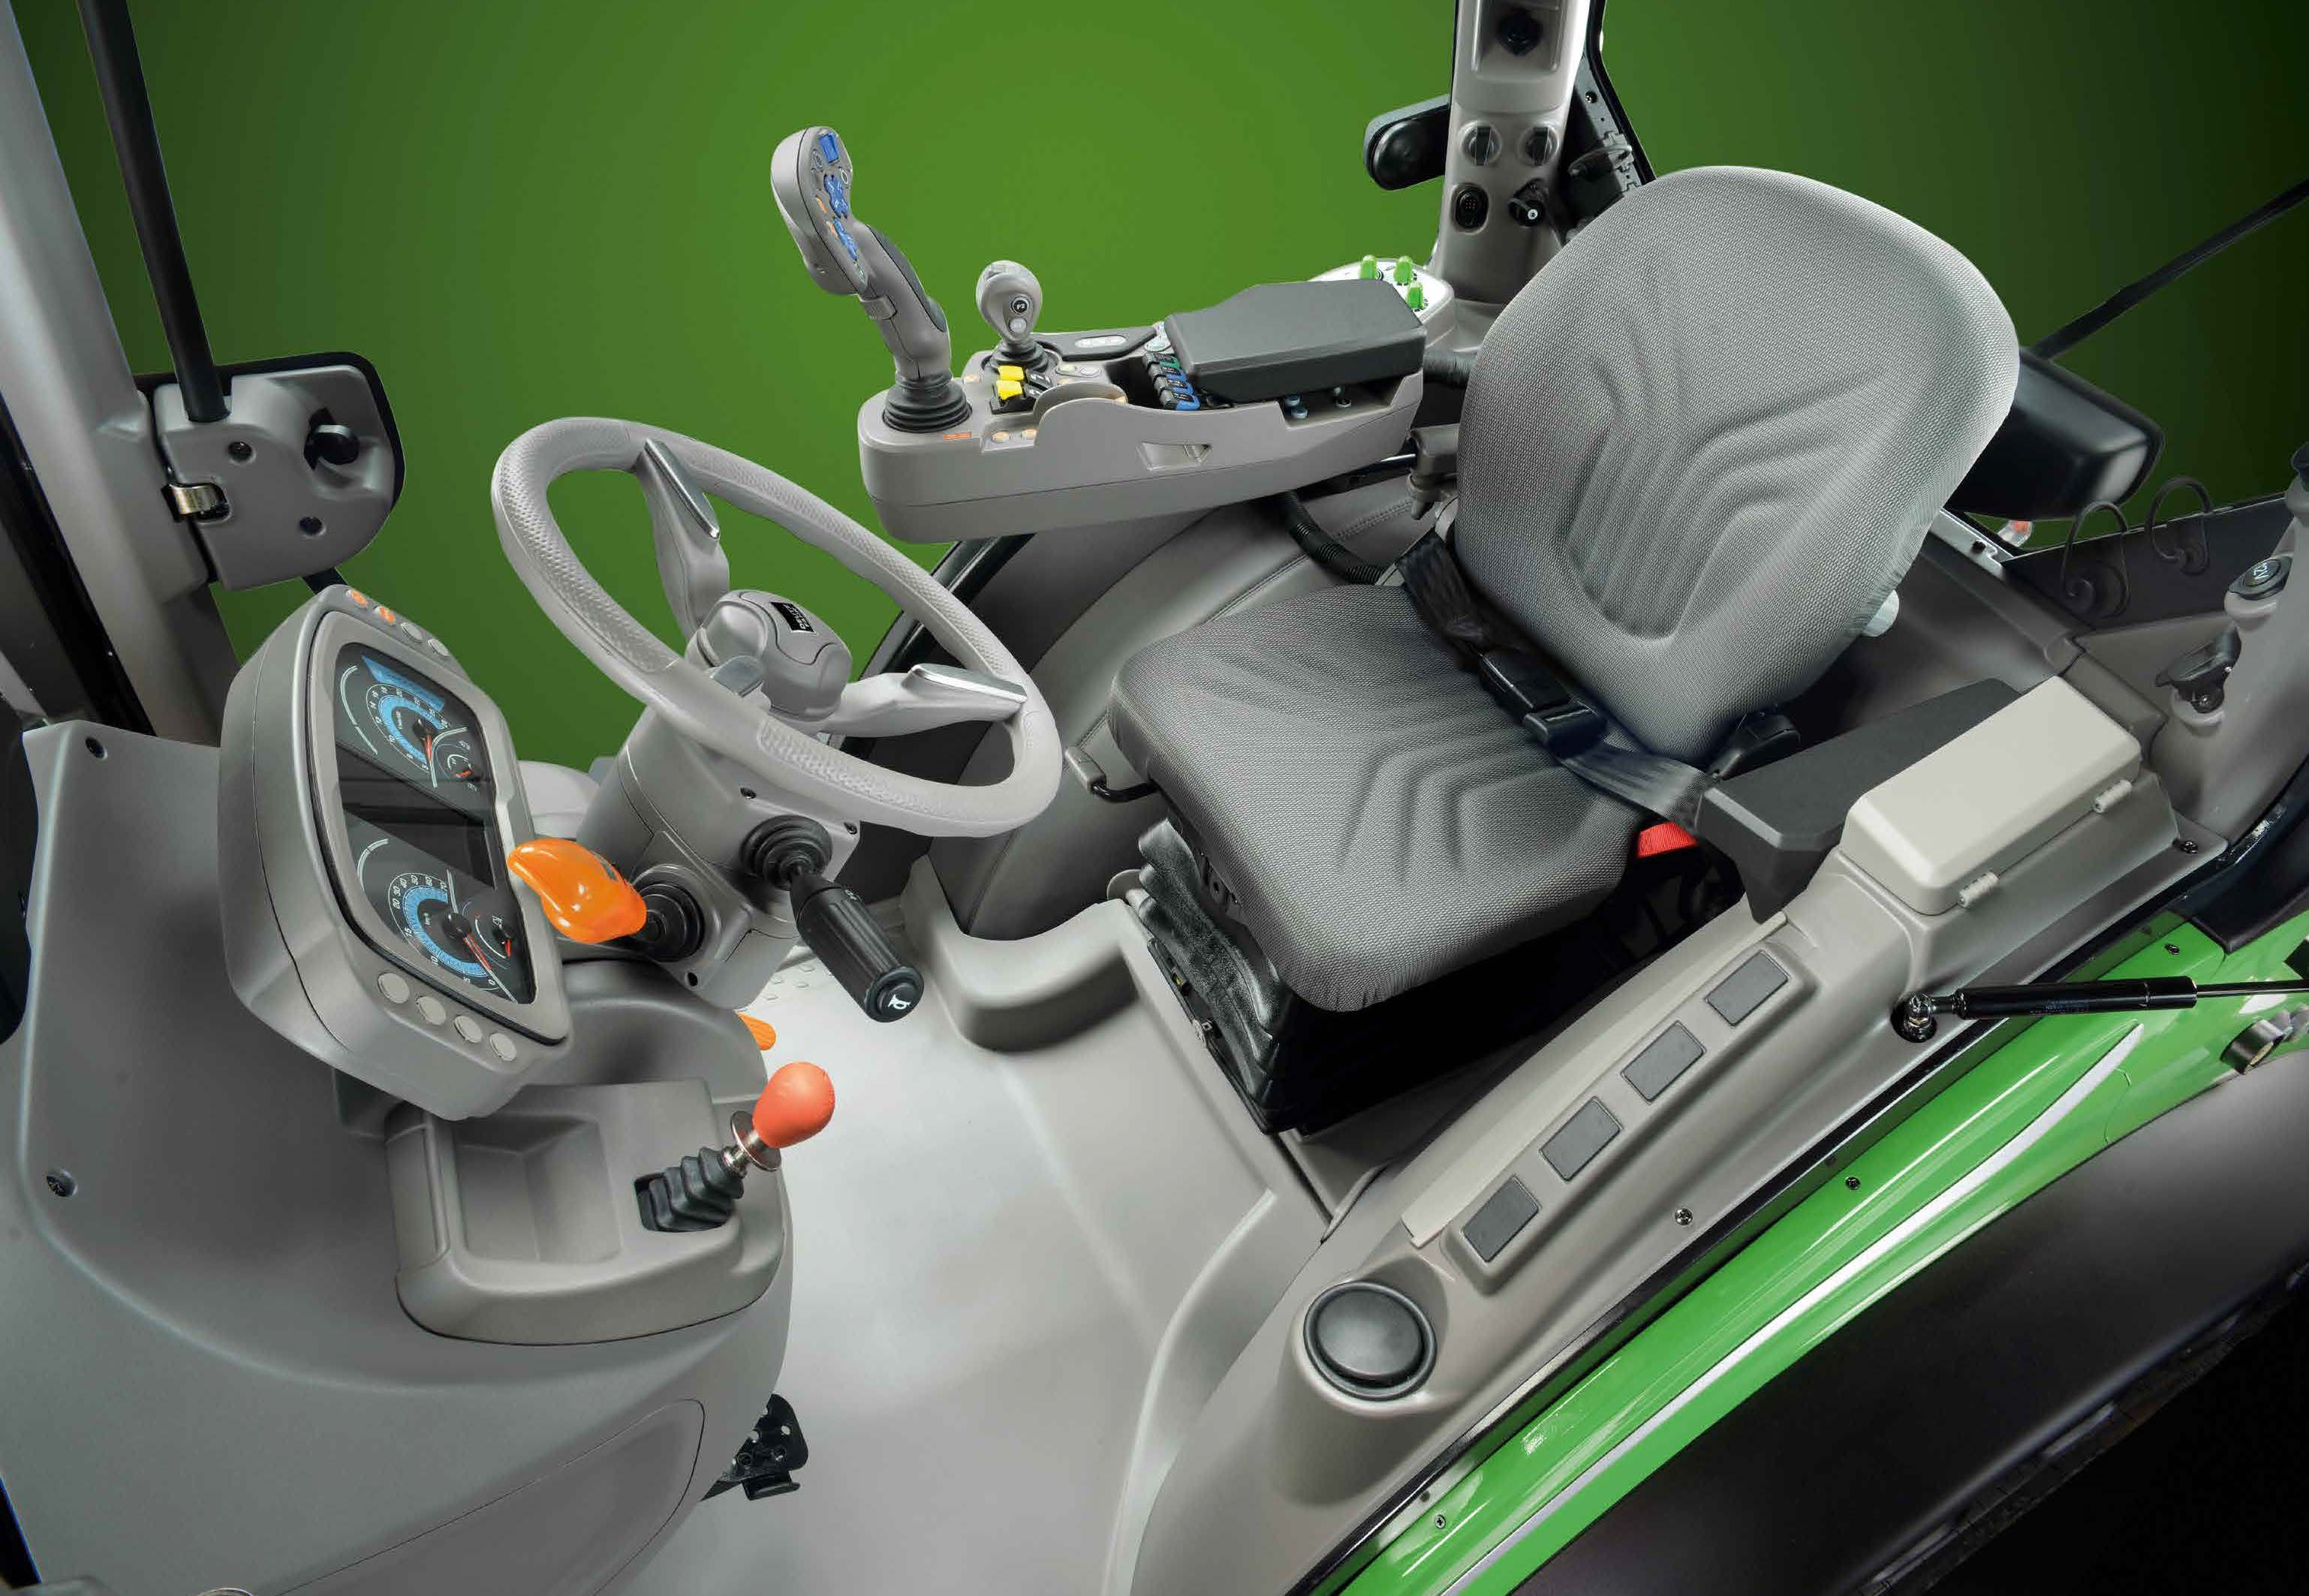 Traktorhytt - Deutz-Fahr 5D-serien, traktorer med maximal teknologi och ergonomi